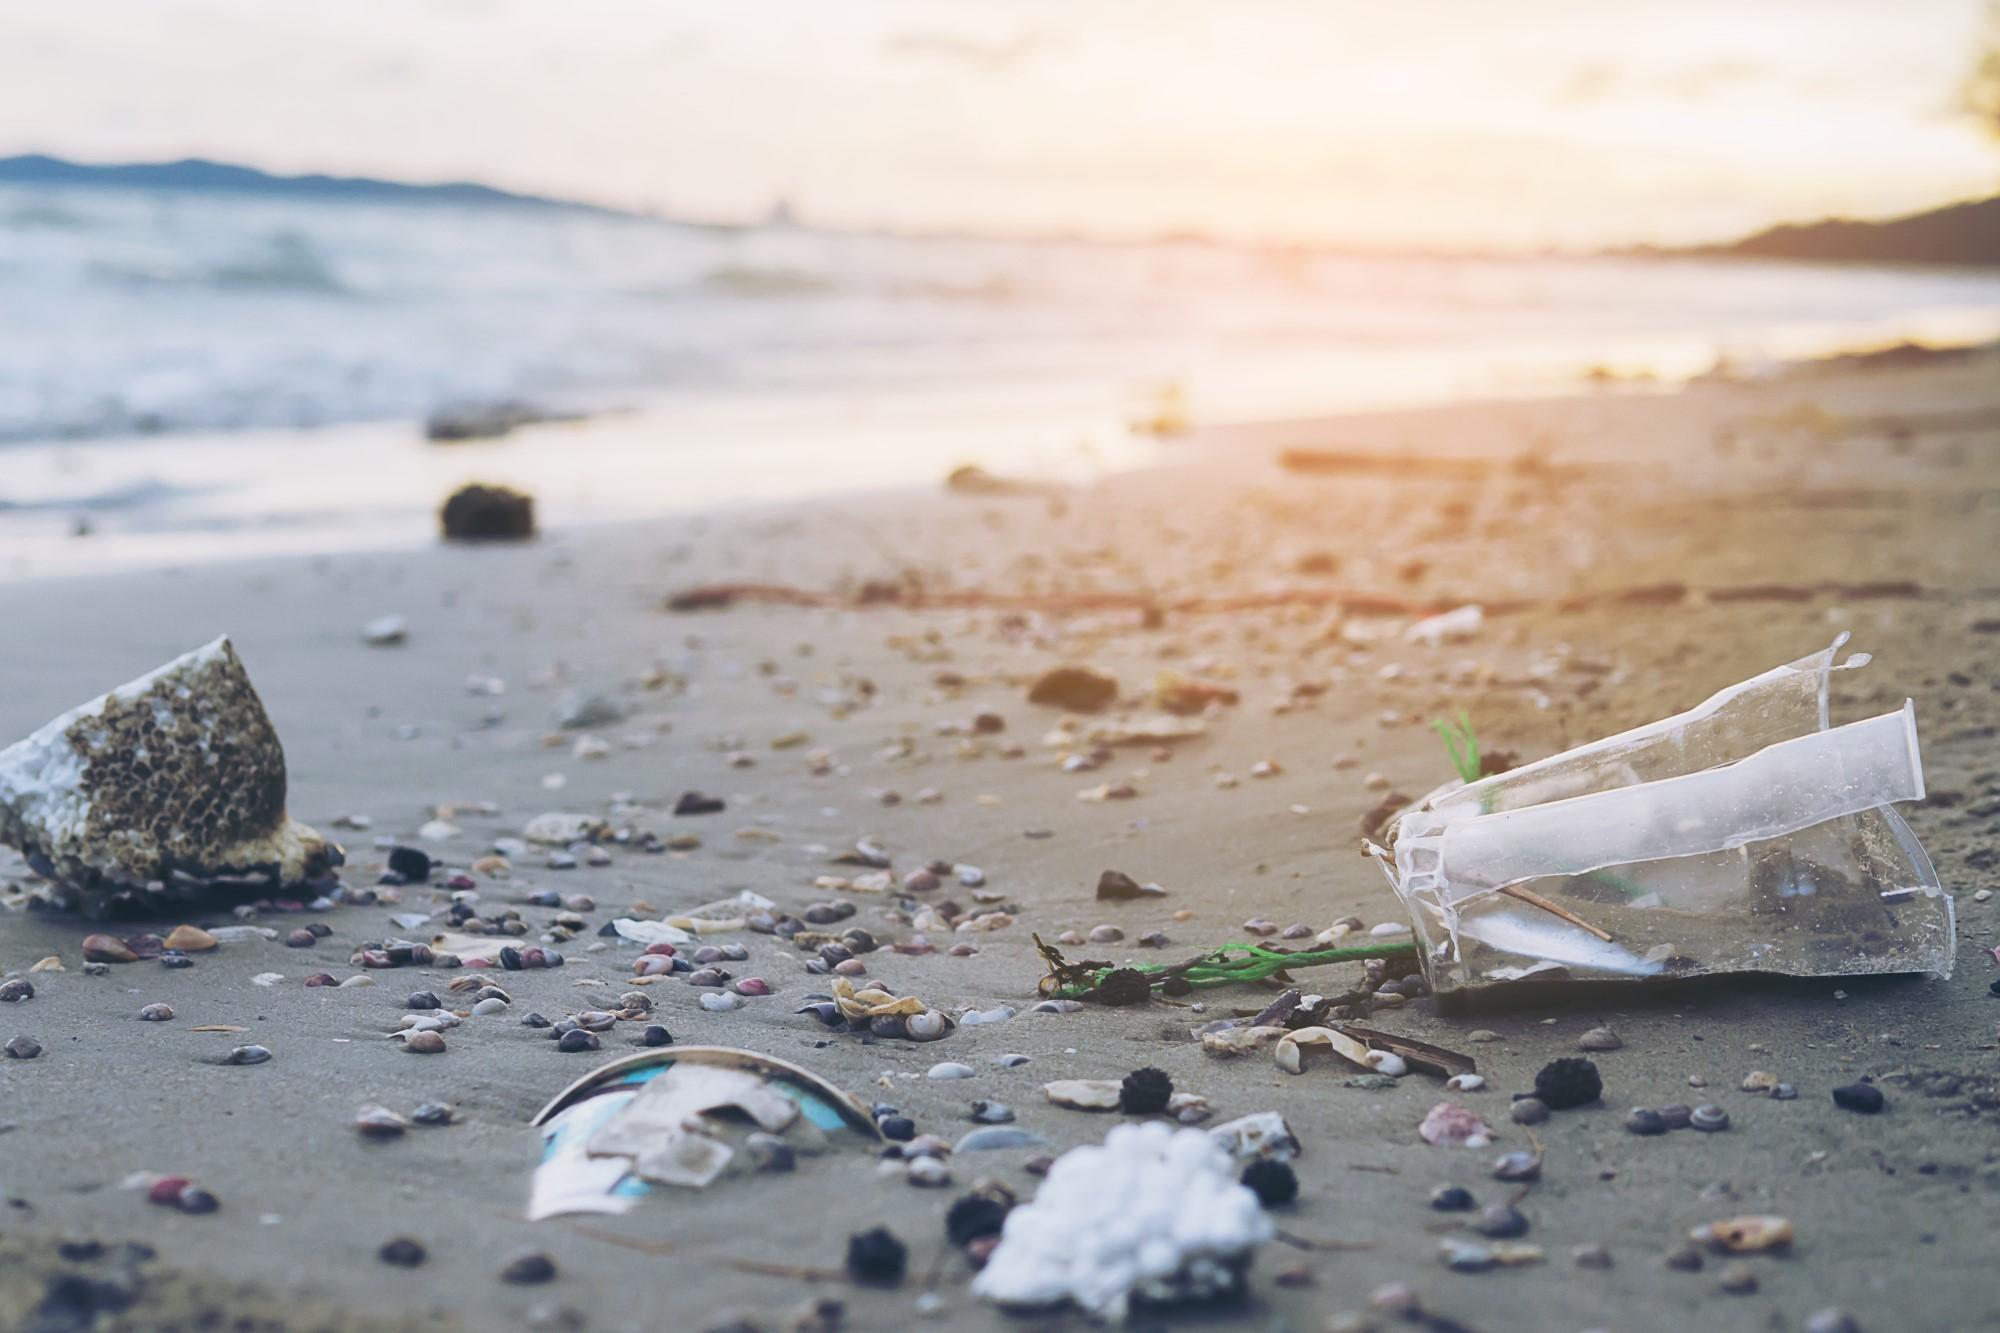 הכנסת שקיות פלסטיק  וכלים חד-פעמיים  לחופי הים - אסורה!